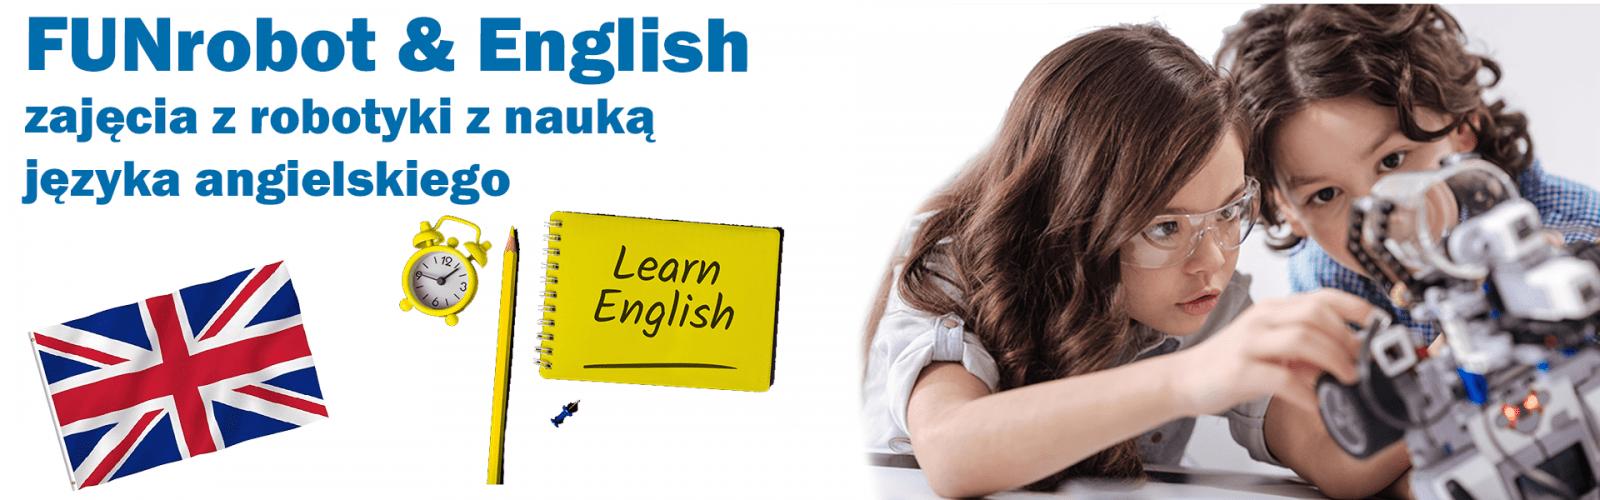 robotyka angielski